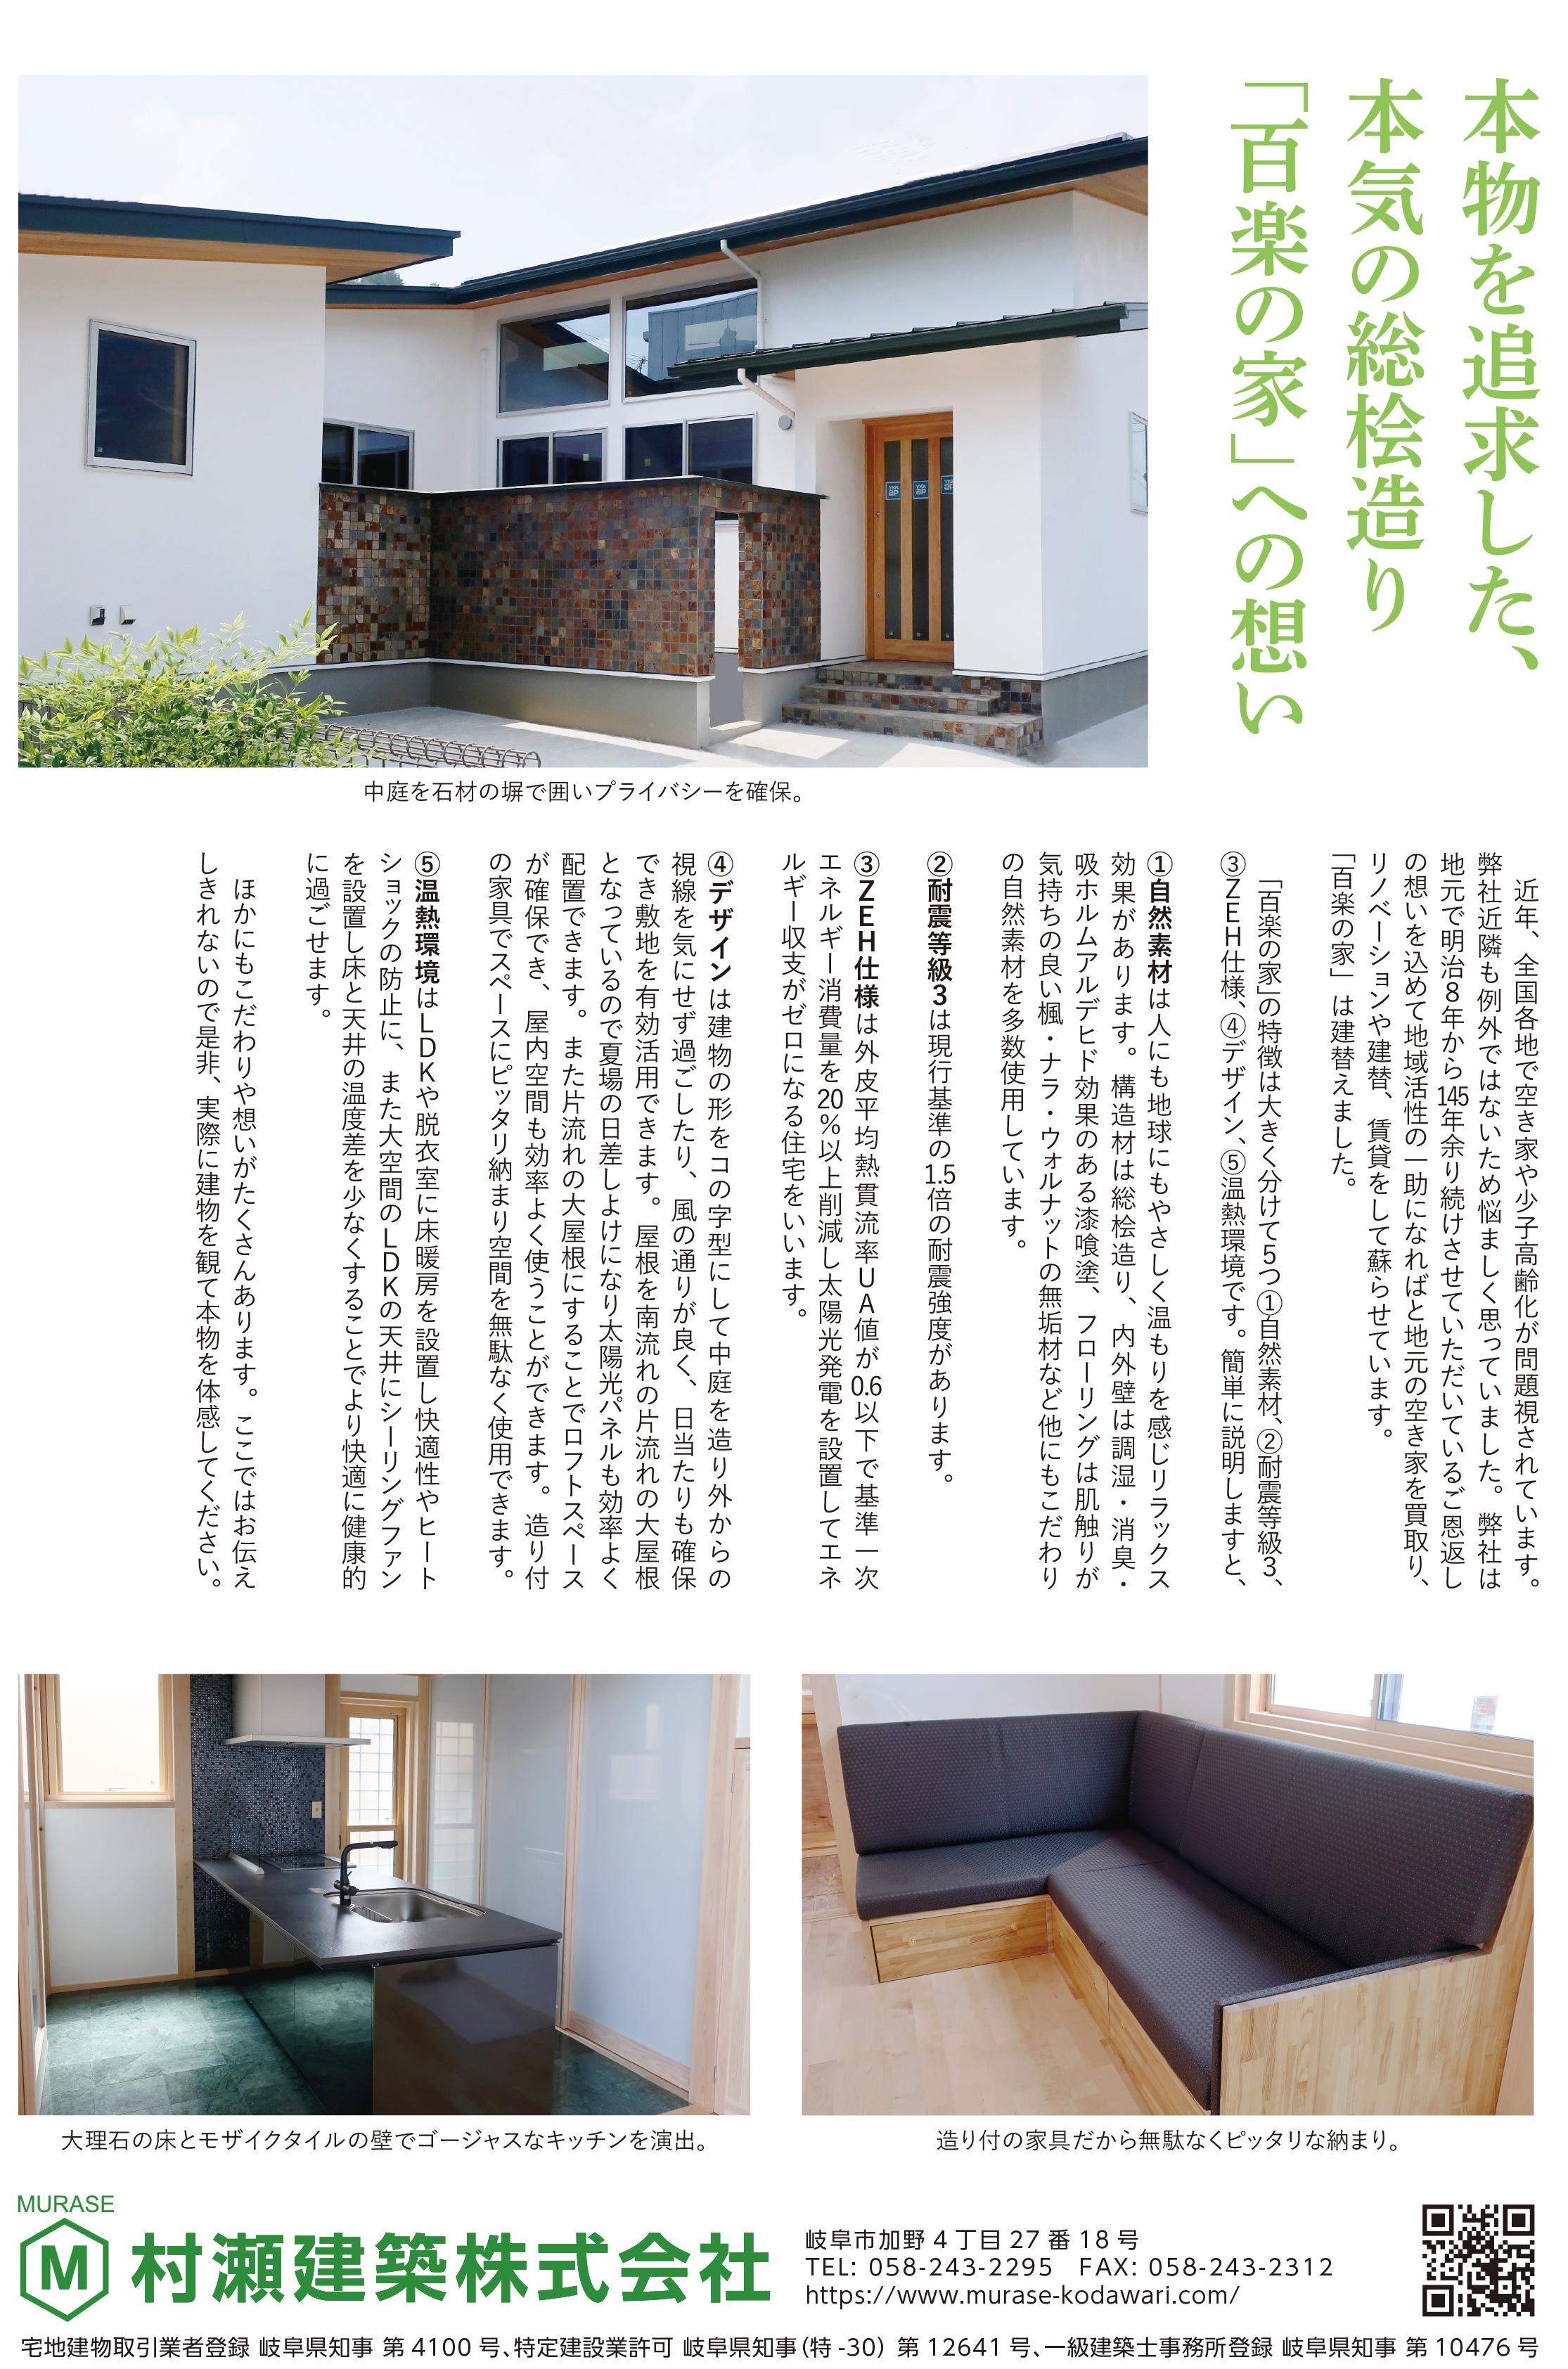 百楽の家2